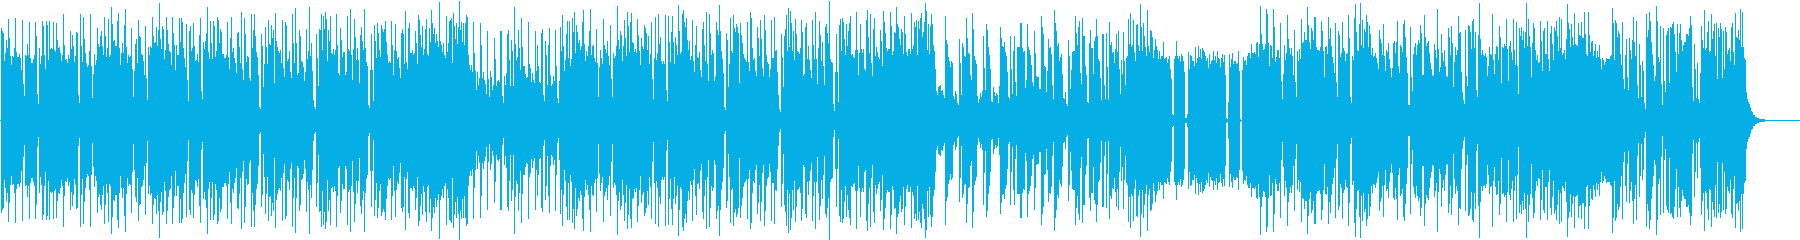 バッドさが全開のヘヴィメタル系BGM2の再生済みの波形